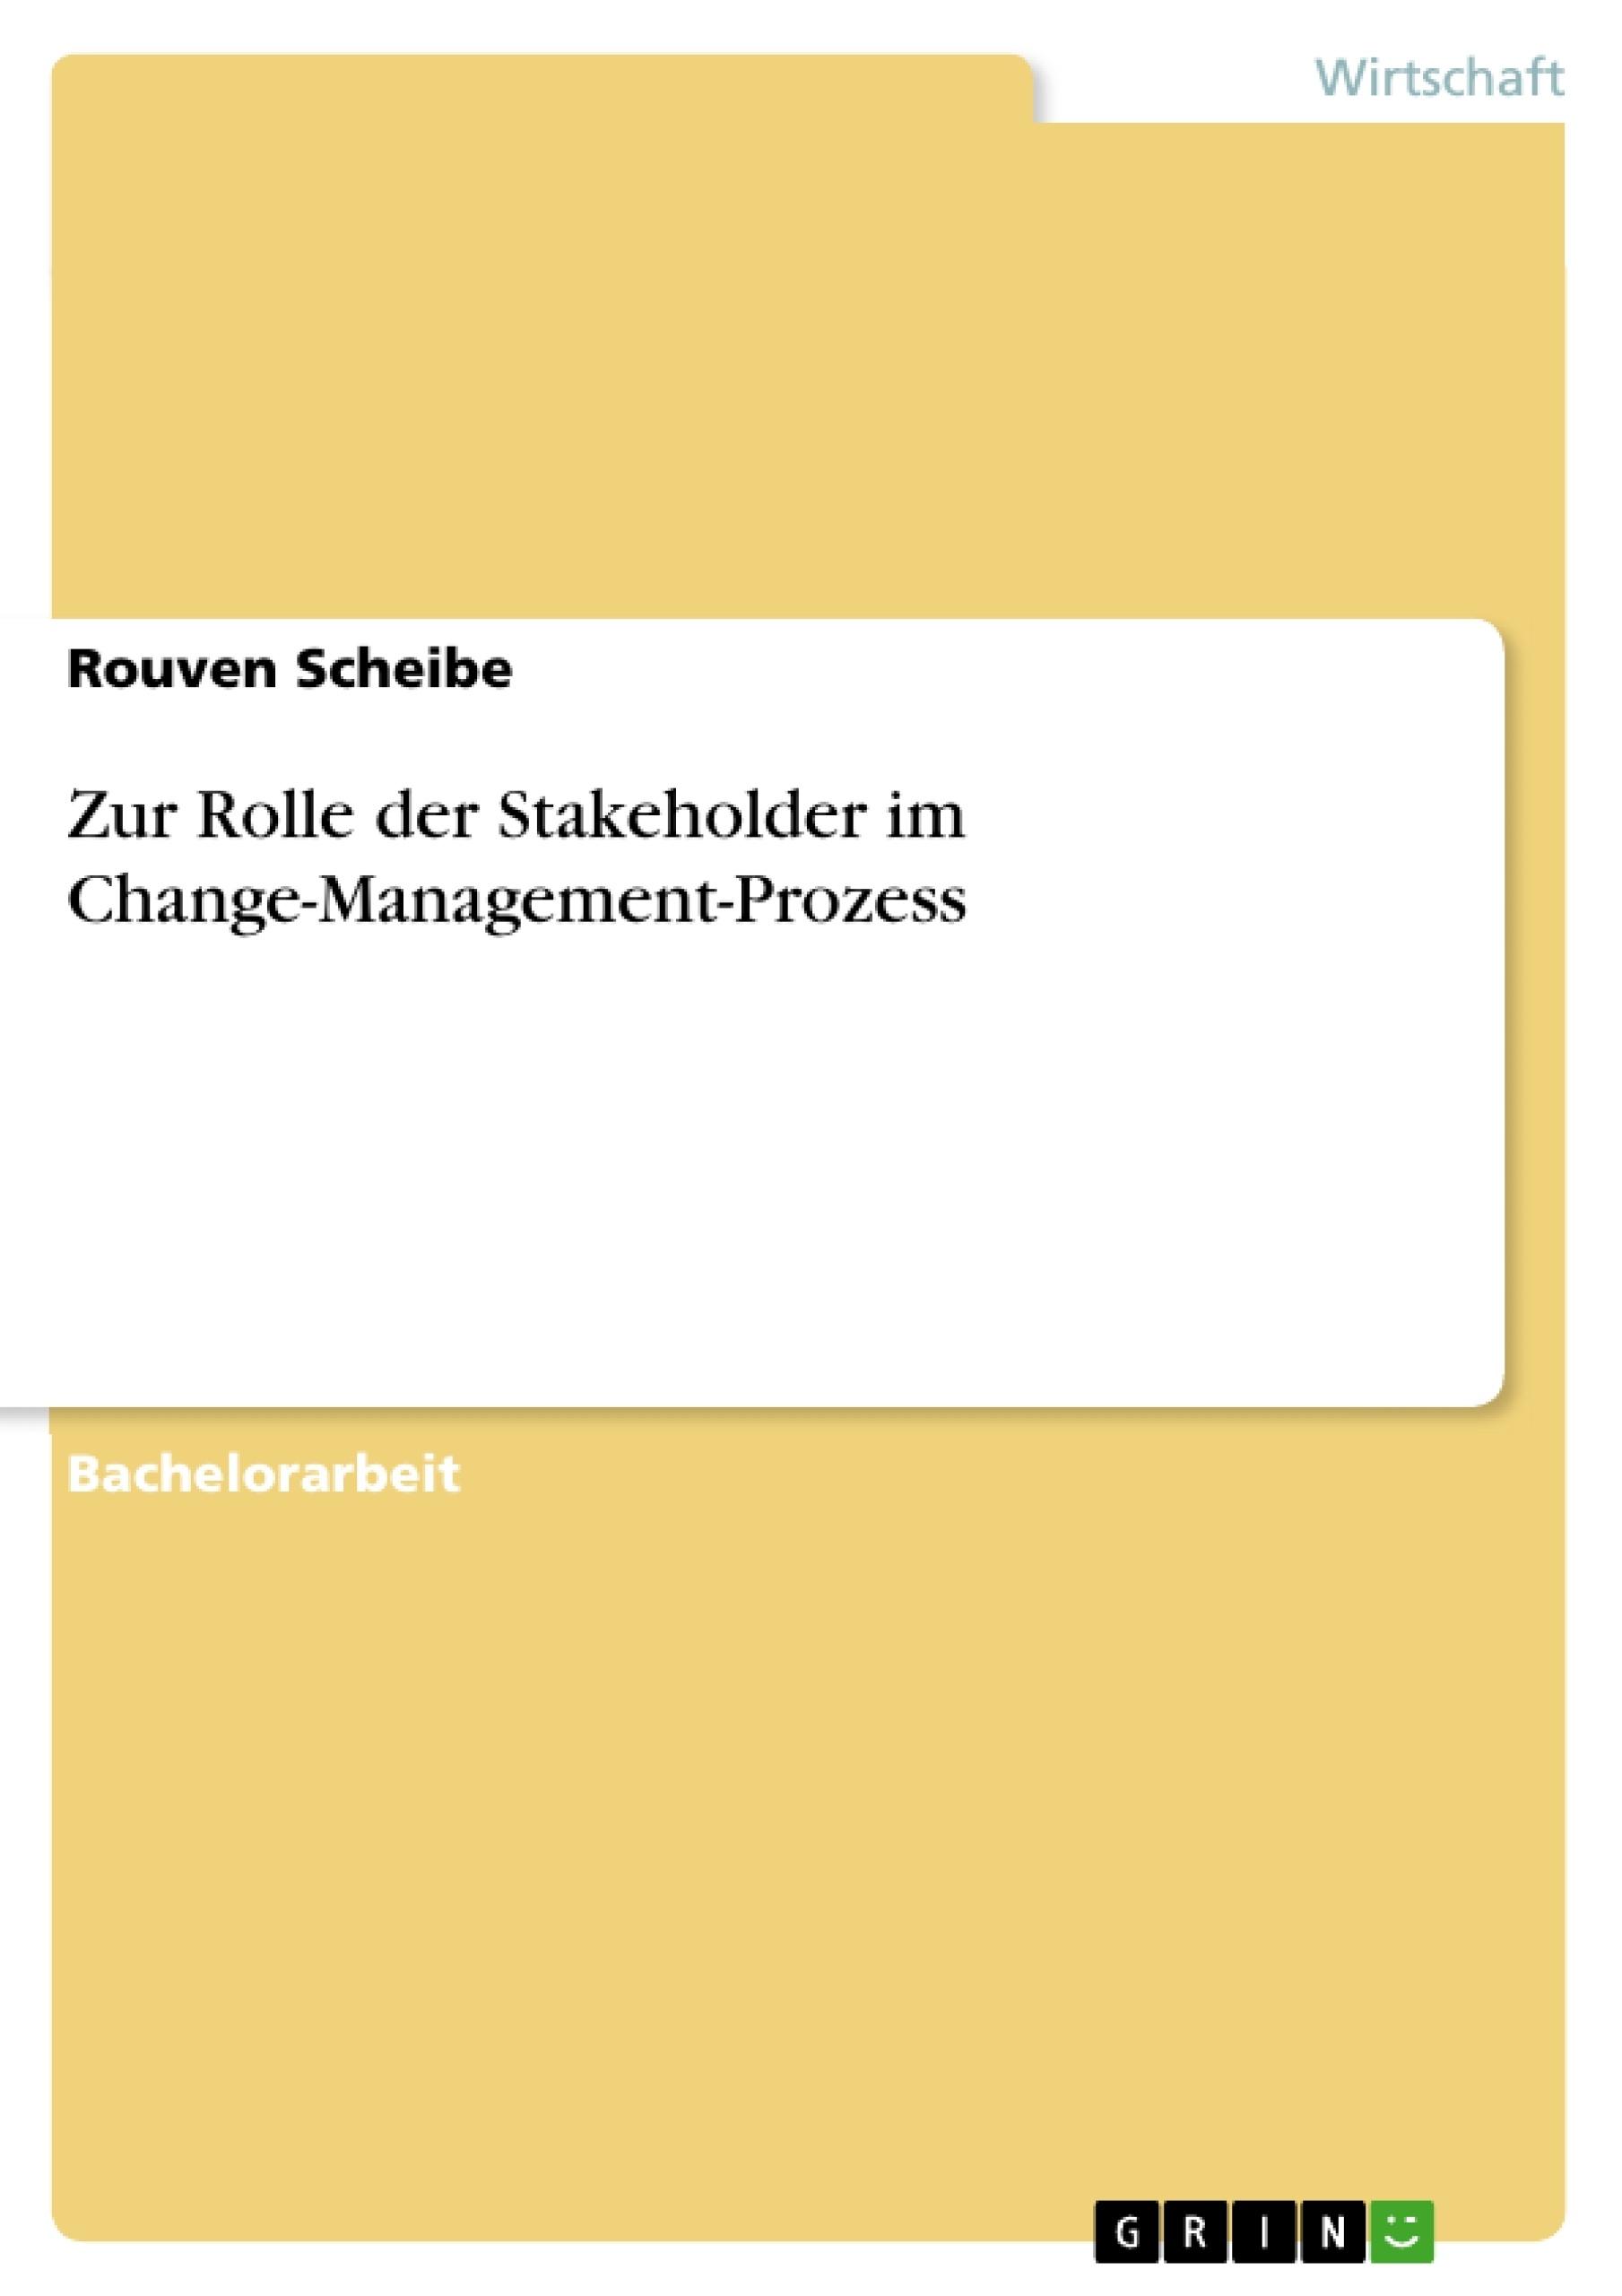 Titel: Zur Rolle der Stakeholder im Change-Management-Prozess